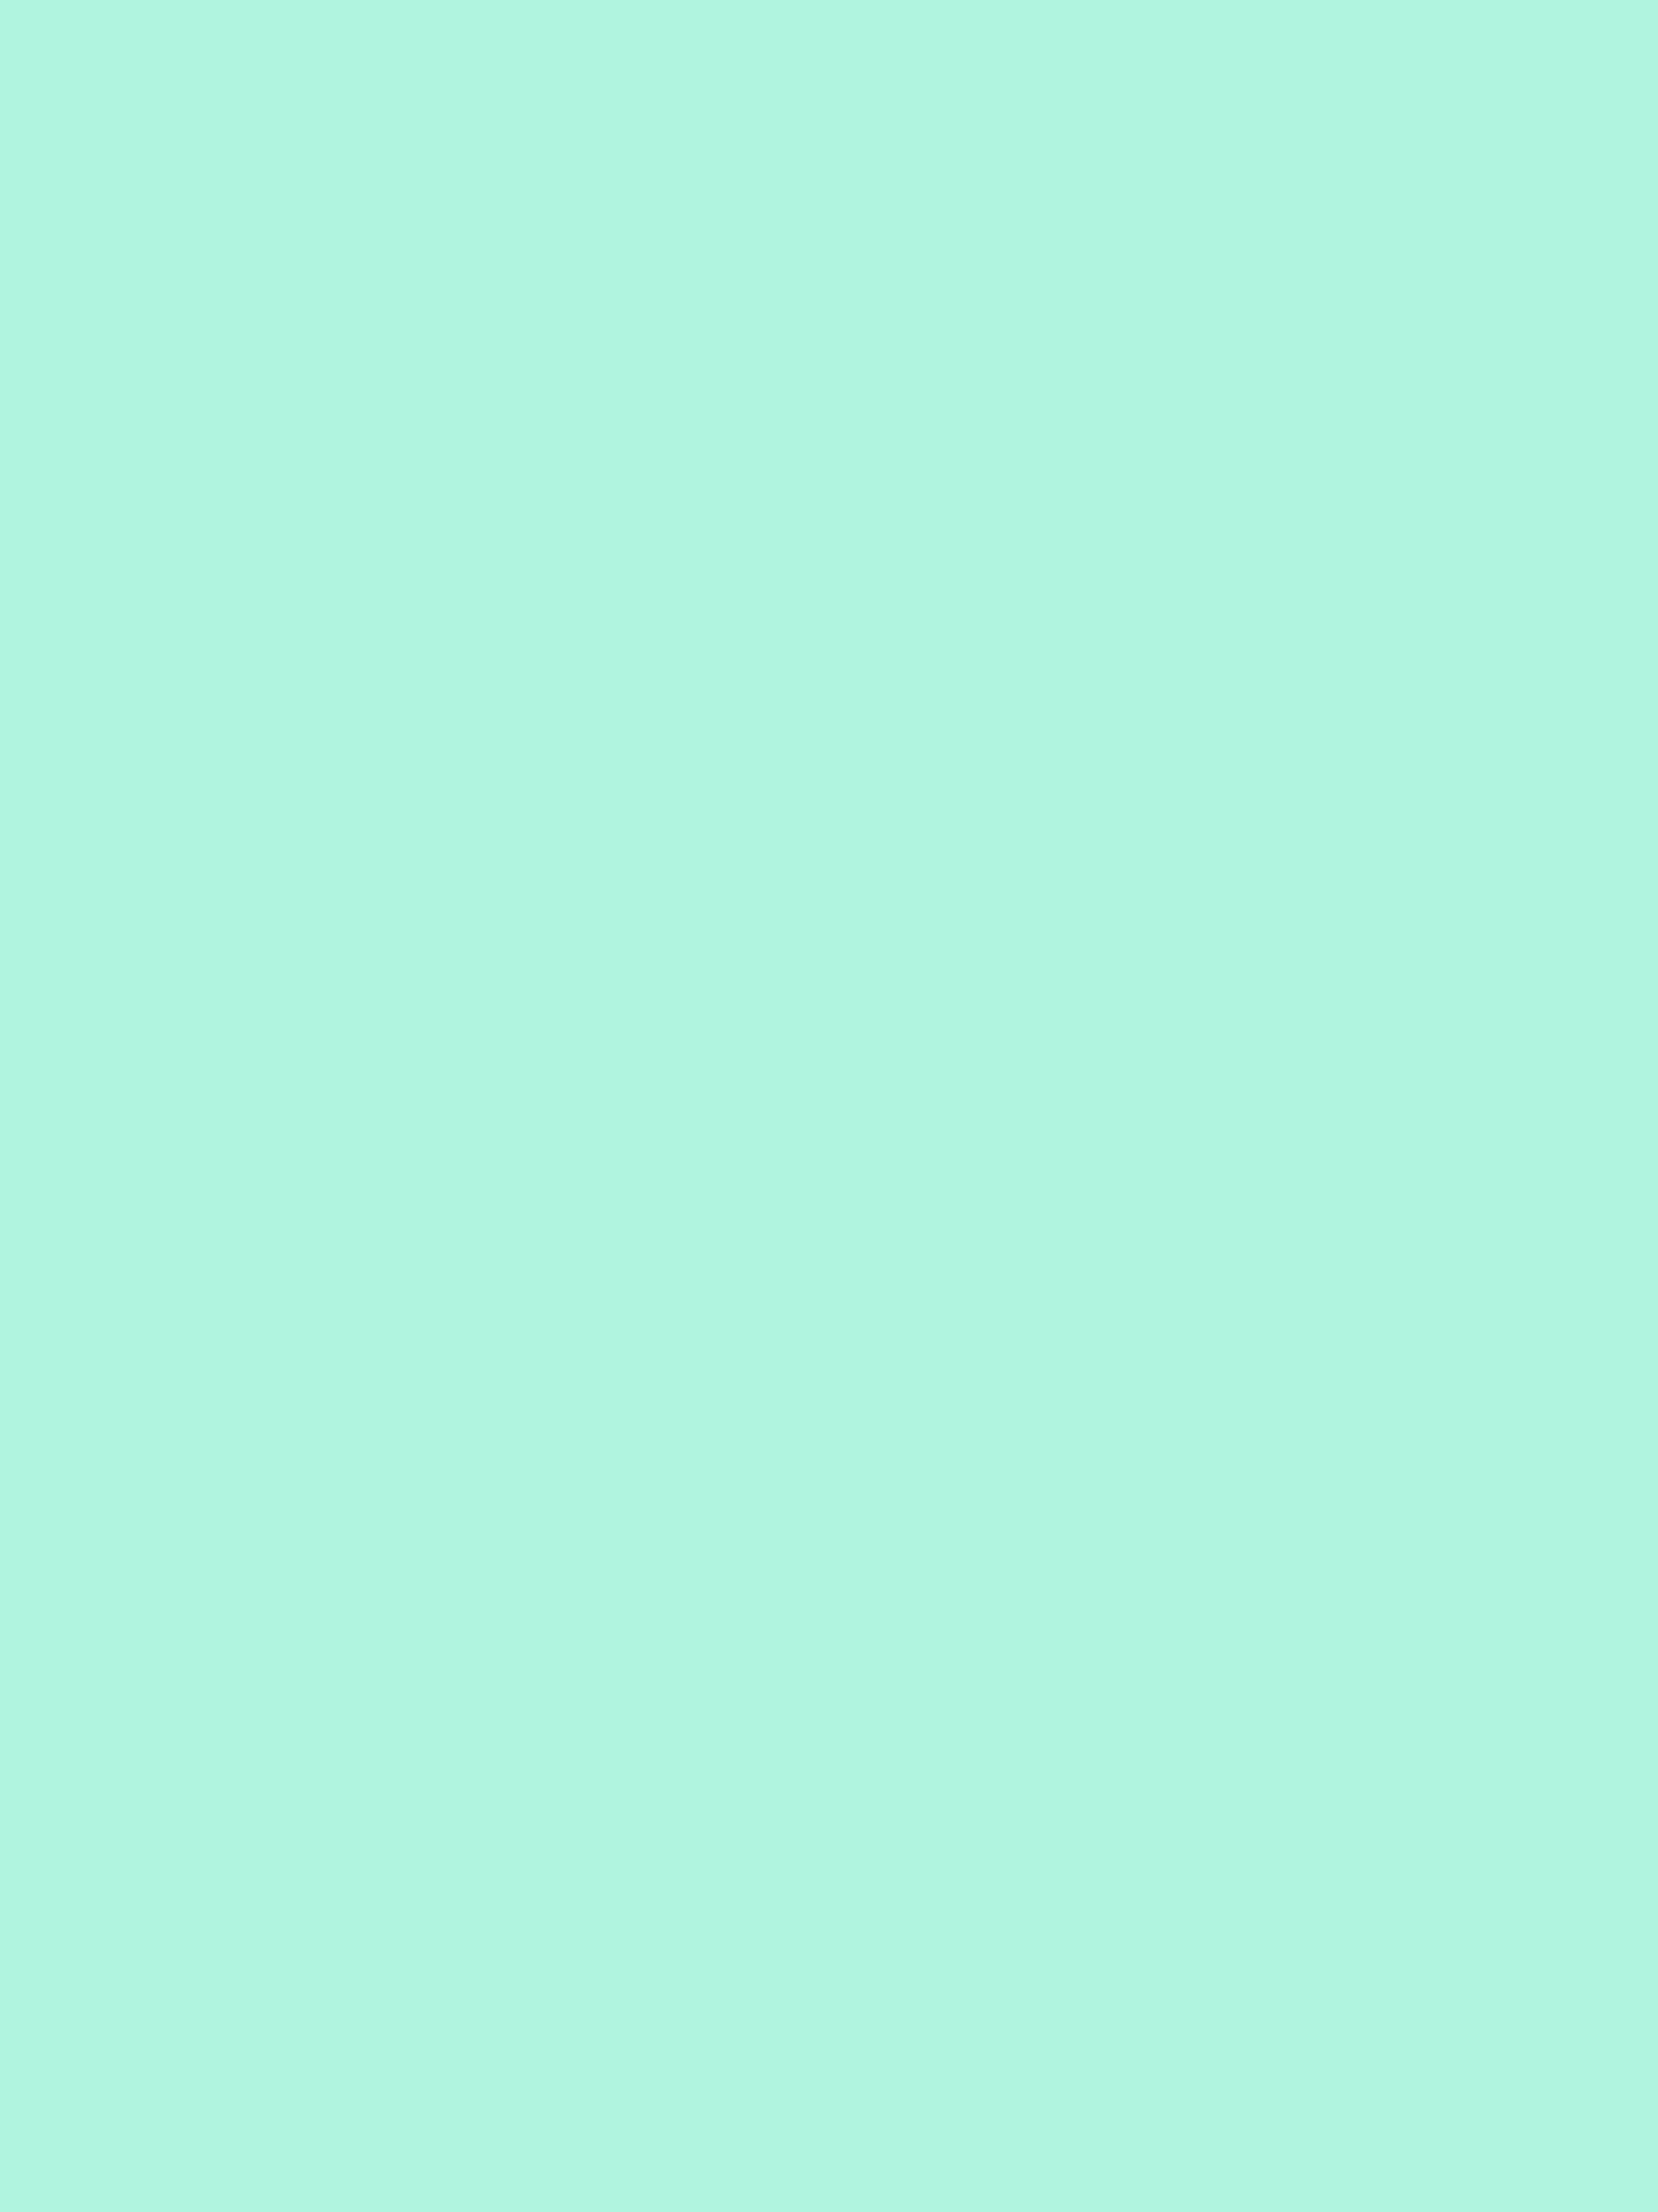 Ipad Vertical_2048x2732_Dots_Teal.png